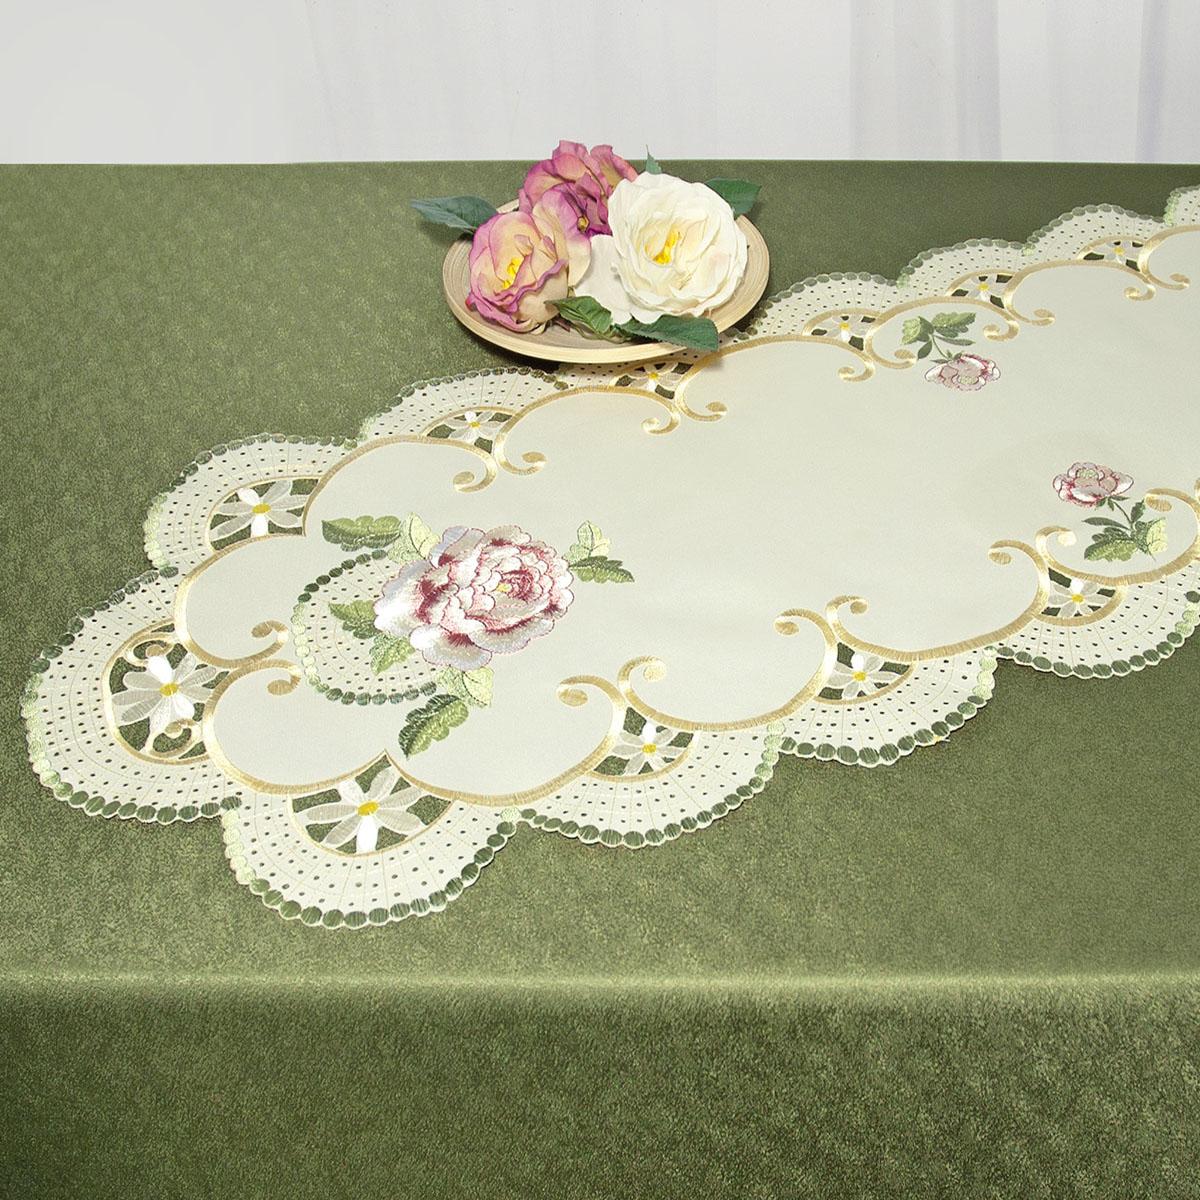 Дорожка для декорирования стола Schaefer, овальная, цвет: бежевый, зеленый, 40 x 110 см 07484-23307484-233Дорожка Schaefer выполнена из высококачественного полиэстера и и украшена вышитыми рисунками в виде цветов. Края дорожки оформлены в технике ришелье. Вы можете использовать дорожку для декорирования стола, комода или журнального столика. Благодаря такой дорожке вы защитите поверхность мебели от воды, пятен и механических воздействий, а также создадите атмосферу уюта и домашнего тепла в интерьере вашей квартиры. Изделия из искусственных волокон легко стирать: они не мнутся, не садятся и быстро сохнут, они более долговечны, чем изделия из натуральных волокон. Изысканный текстиль от немецкой компании Schaefer - это красота, стиль и уют в вашем доме. Дорожка органично впишется в интерьер любого помещения, а оригинальный дизайн удовлетворит даже самый изысканный вкус. Дарите себе и близким красоту каждый день!